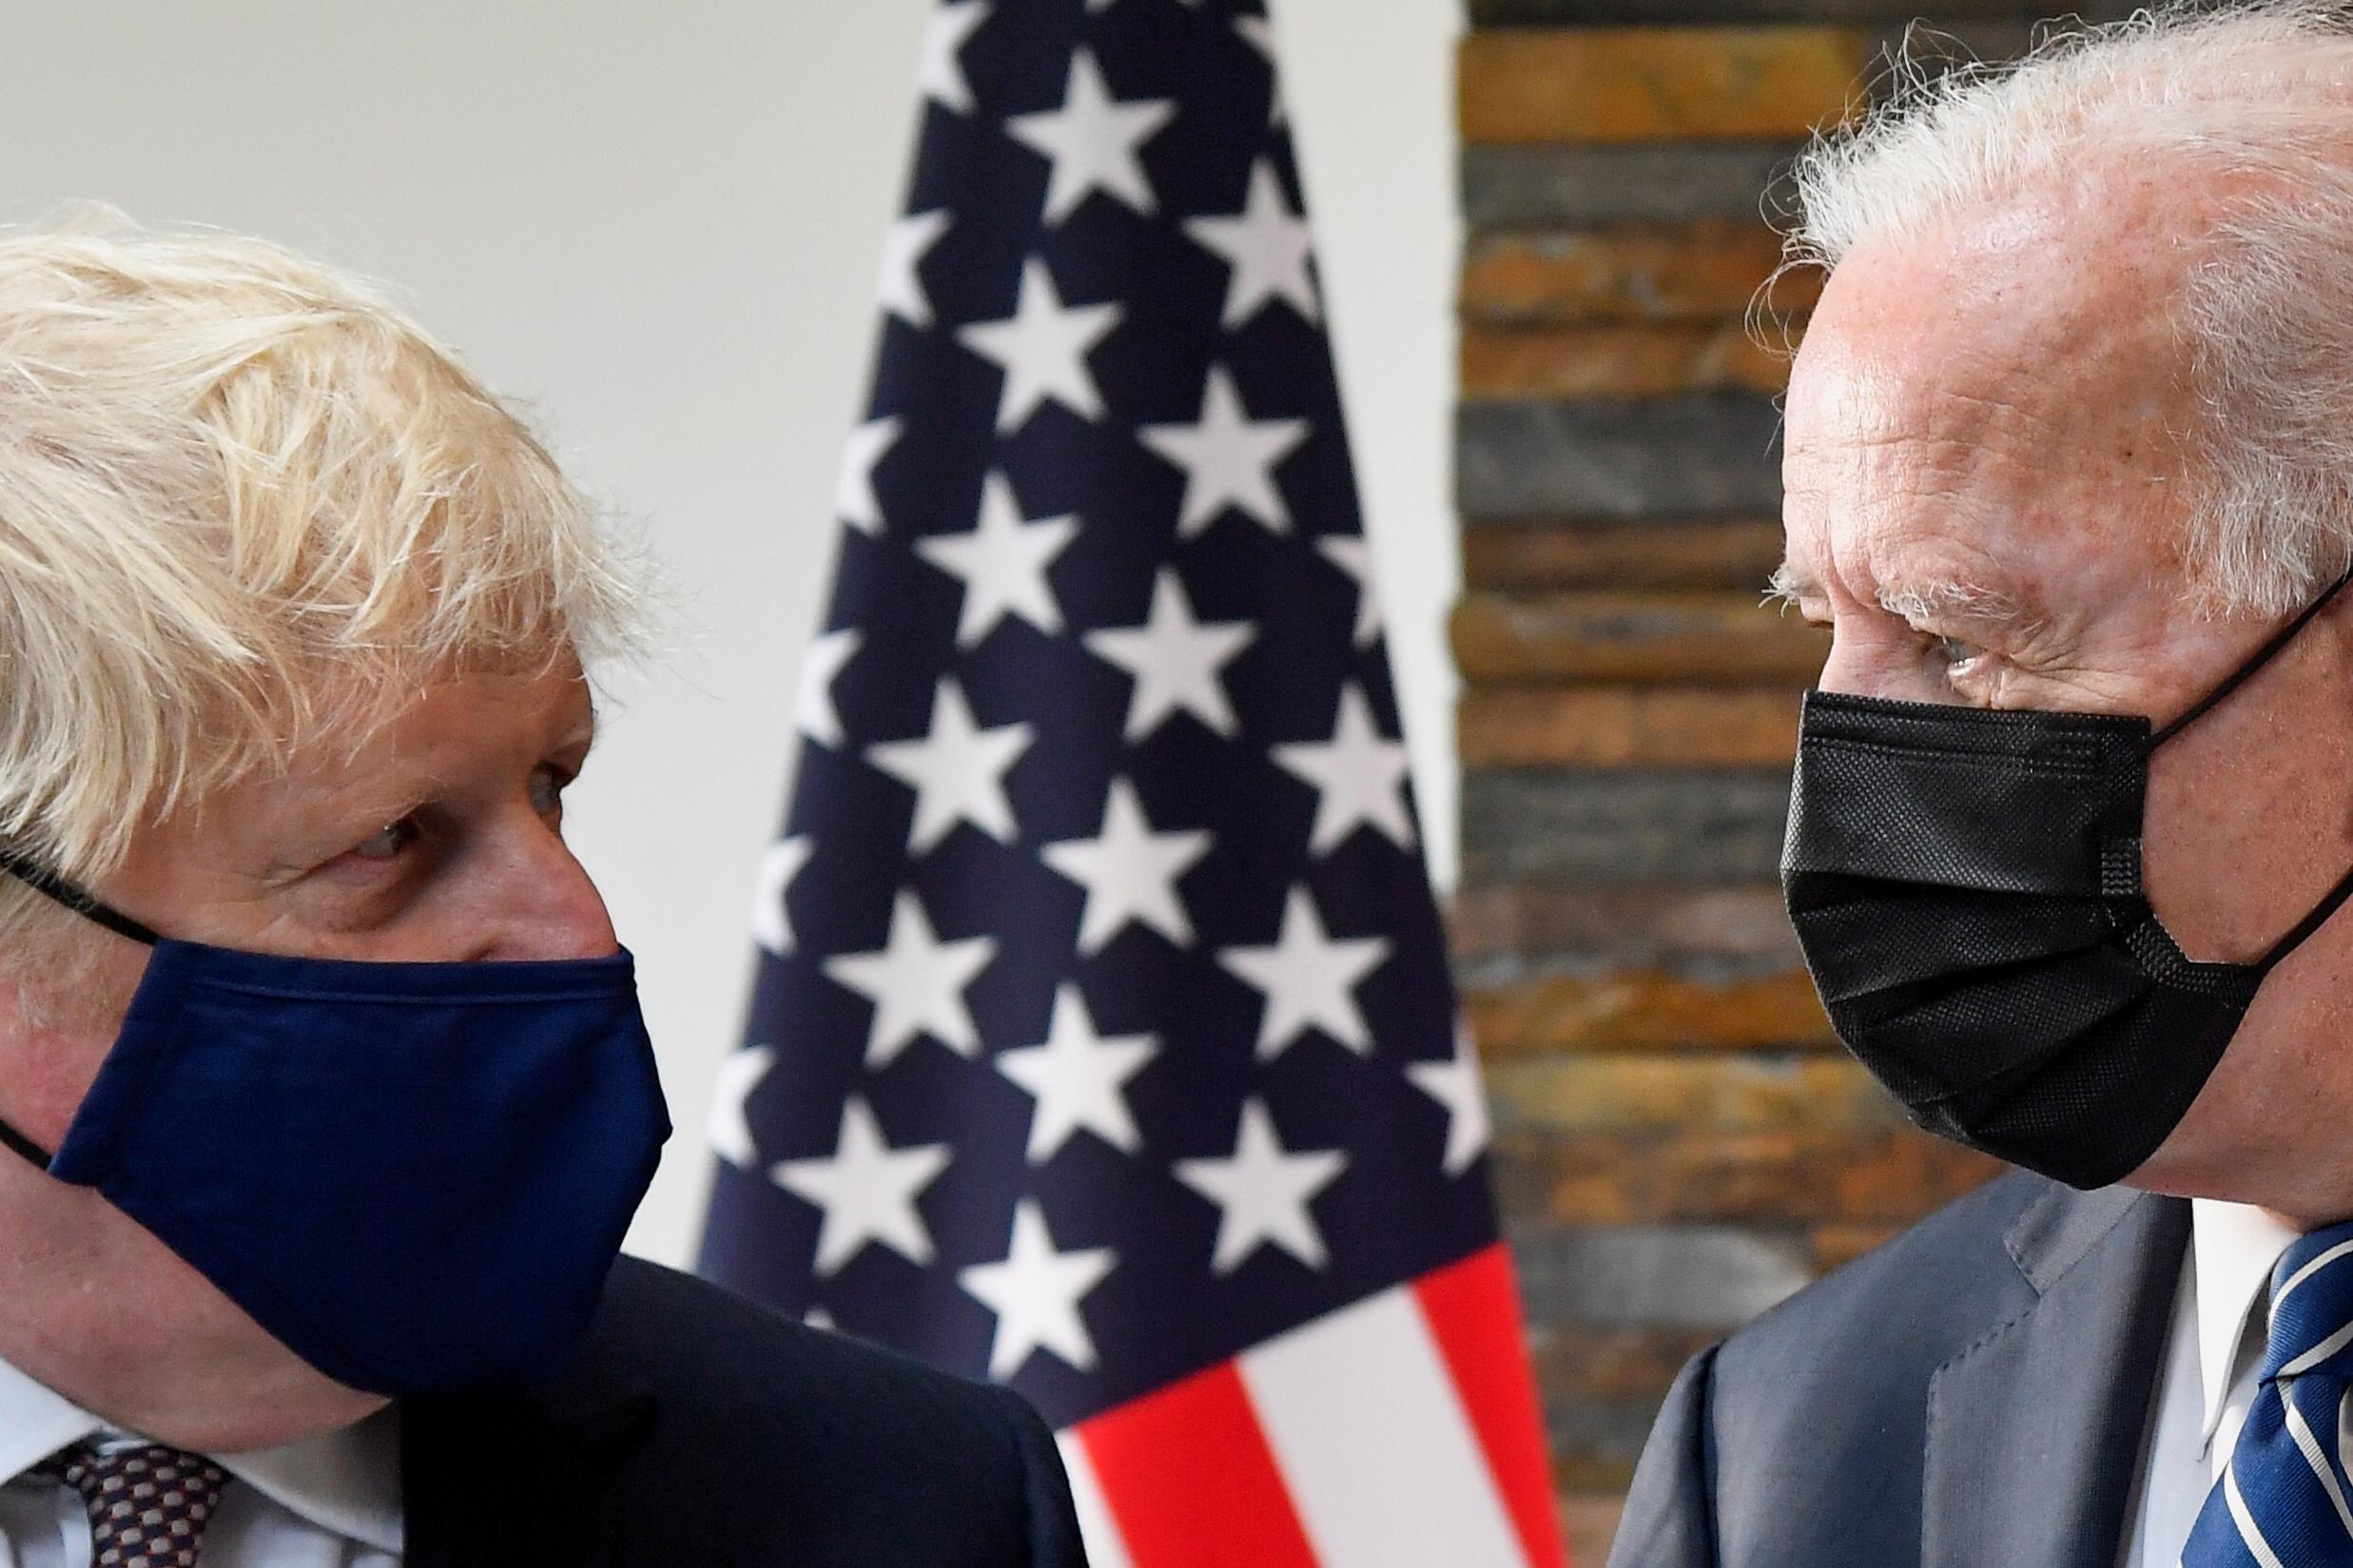 英国首相约翰逊(左)周四宣布,英国将与全世界分享1亿剂新冠疫苗,而美国总统拜登也承诺捐赠5亿剂。-路透社-